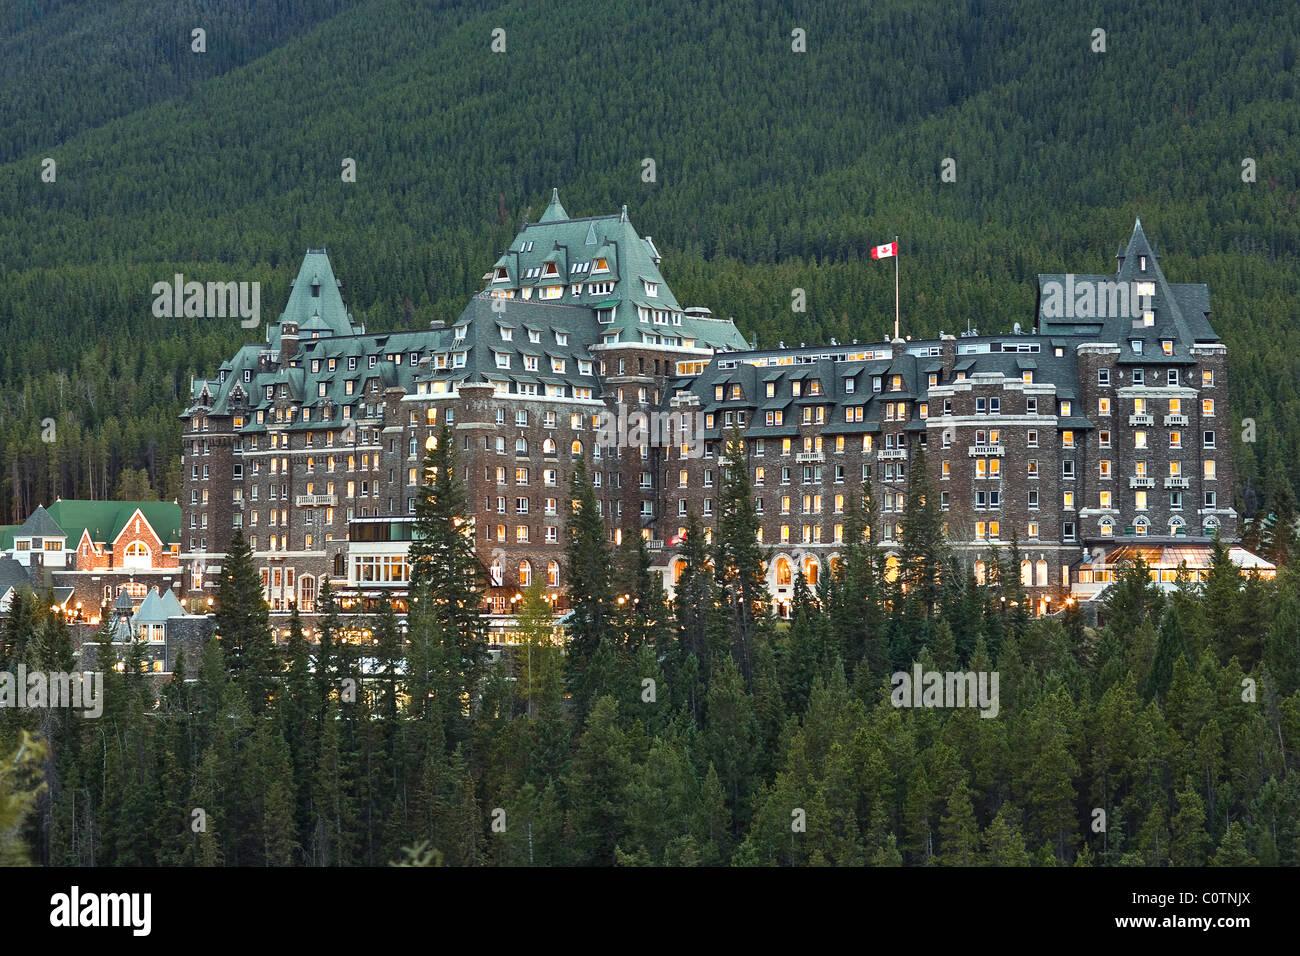 Spa Hotel Alberta